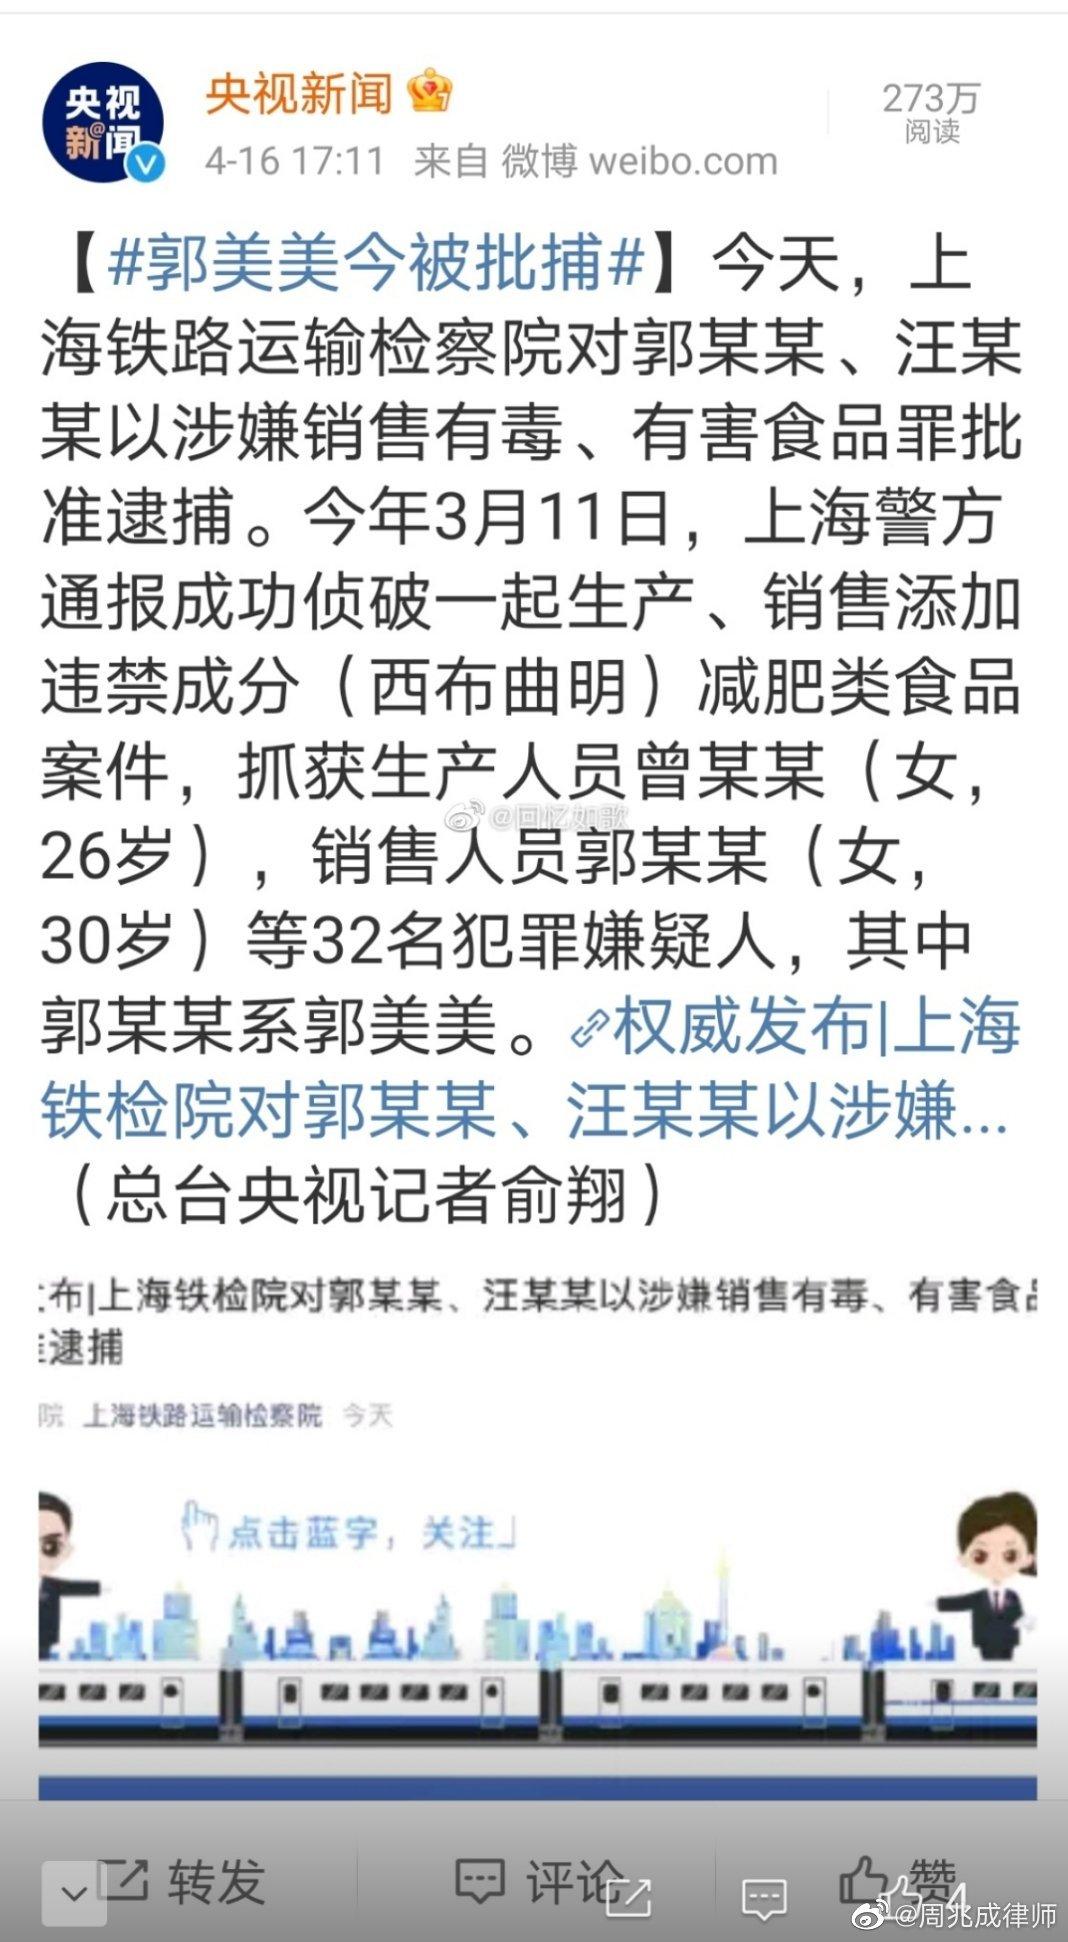 """""""炫富网红""""郭美美被批捕!刚出狱不到2年 死性不改又进去了"""